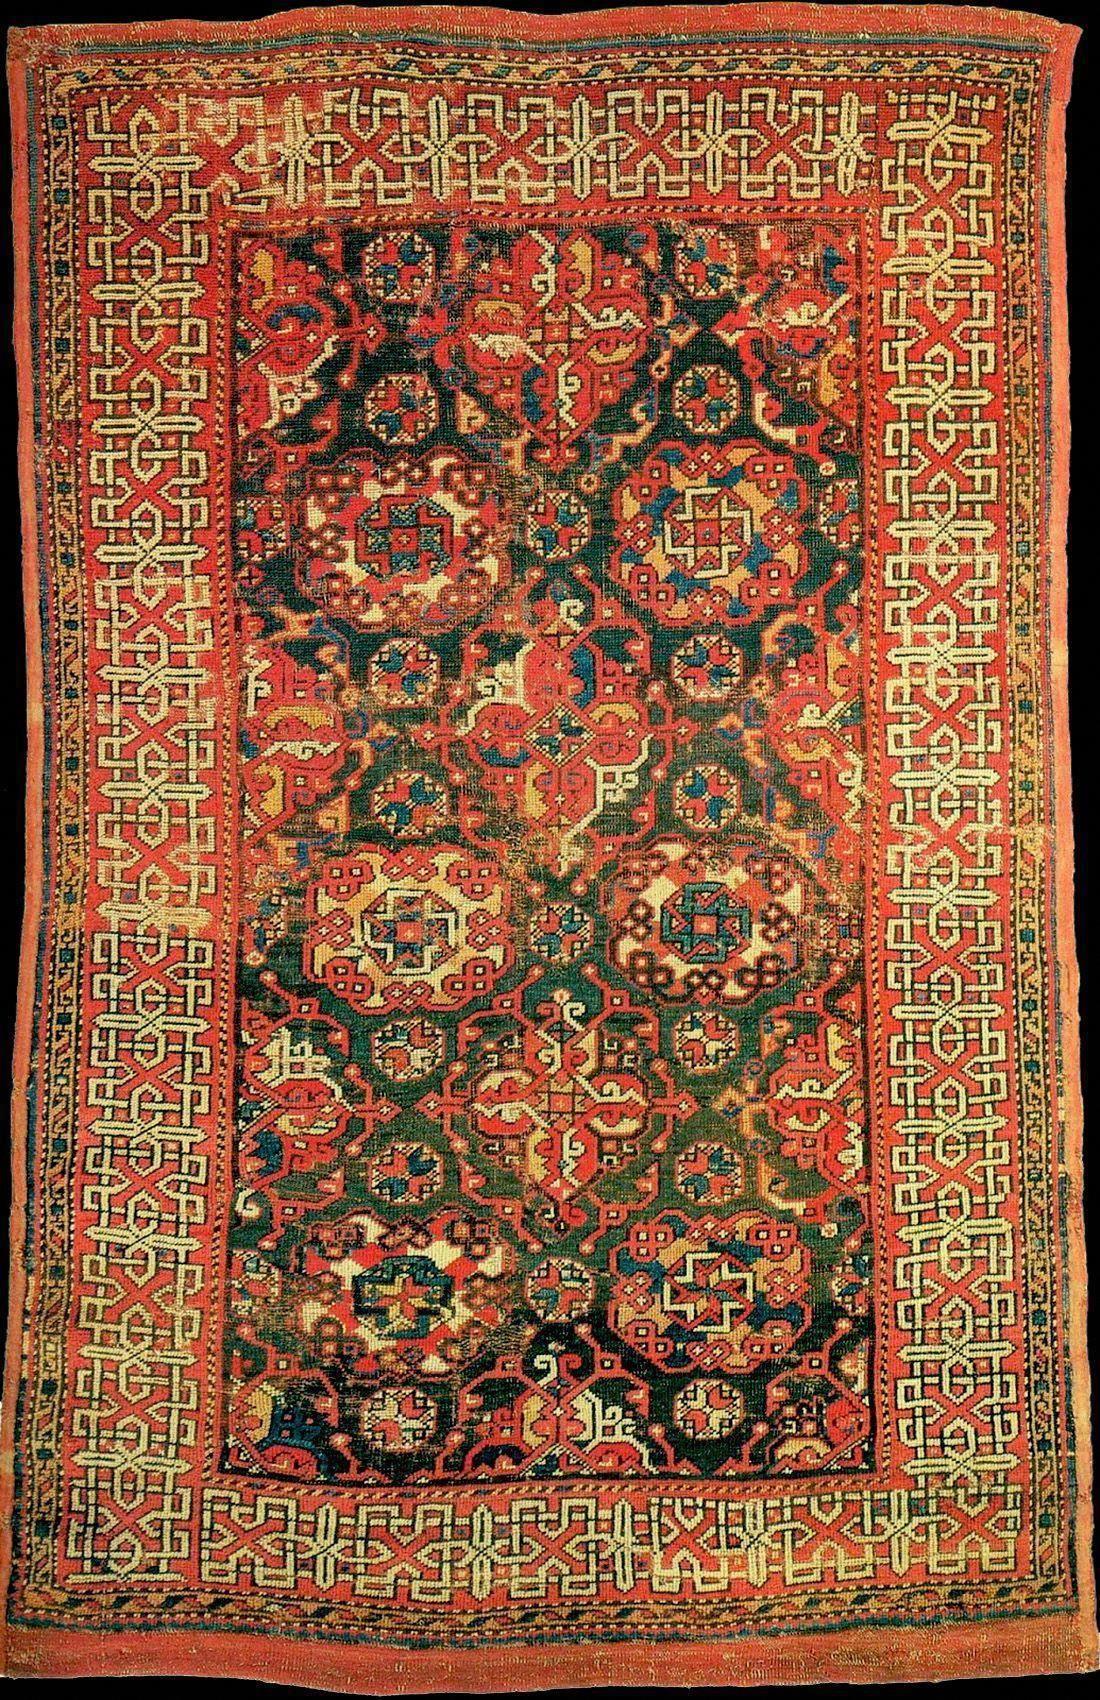 Carpet Runners By The Foot Lowes Carpetslivingroom In 2020 Rugs   Lowes Carpet Runners By The Foot   Persian Carpet   Beige Carpet   Heriz Rug   Kilim Rugs   Stairs